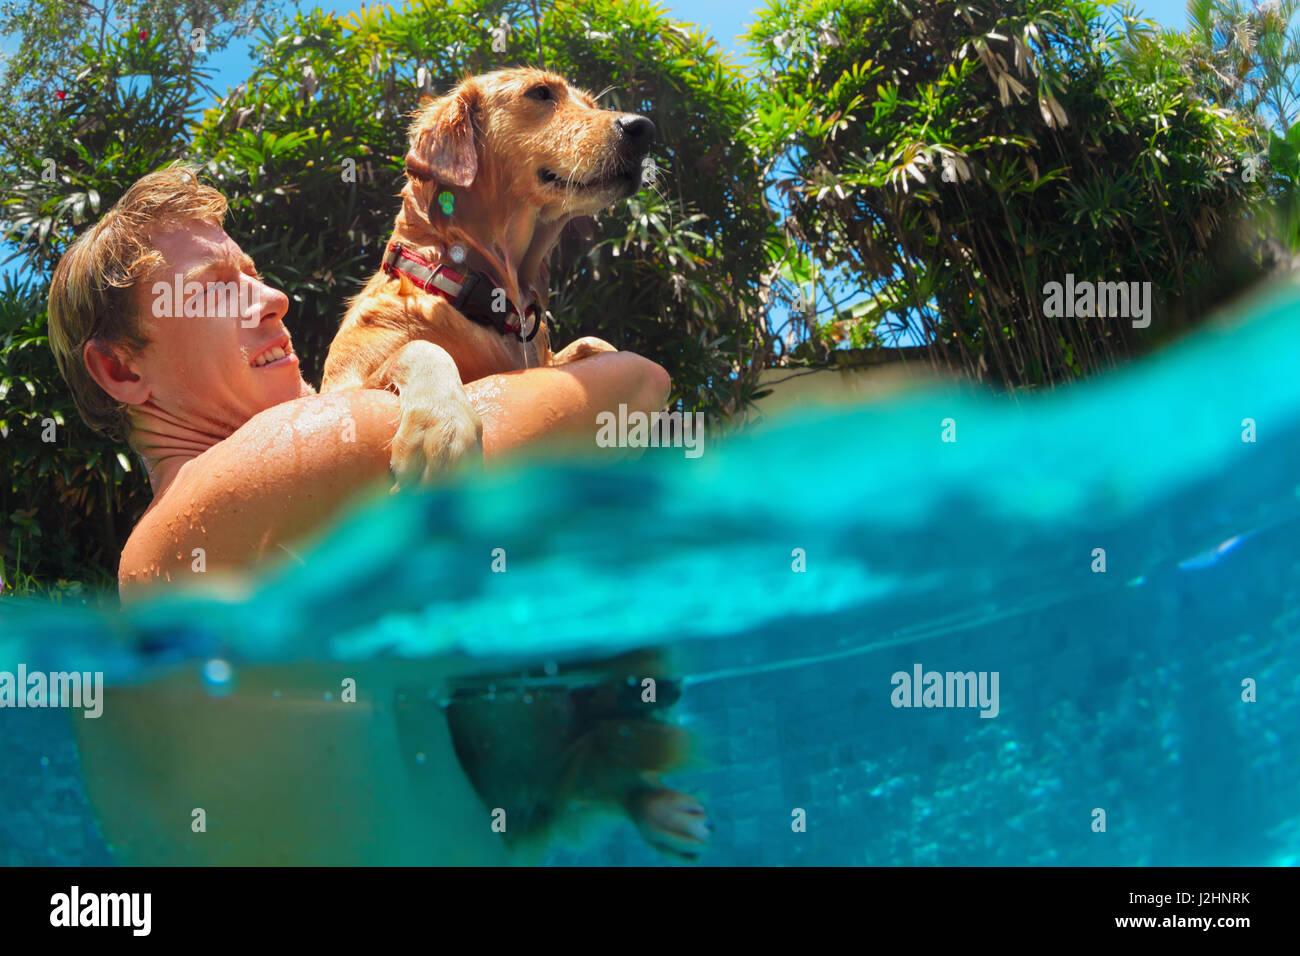 Joven jugar con diversión y tren Golden Labrador retriever cachorro de piscina - saltar y zambullirse bajo Imagen De Stock